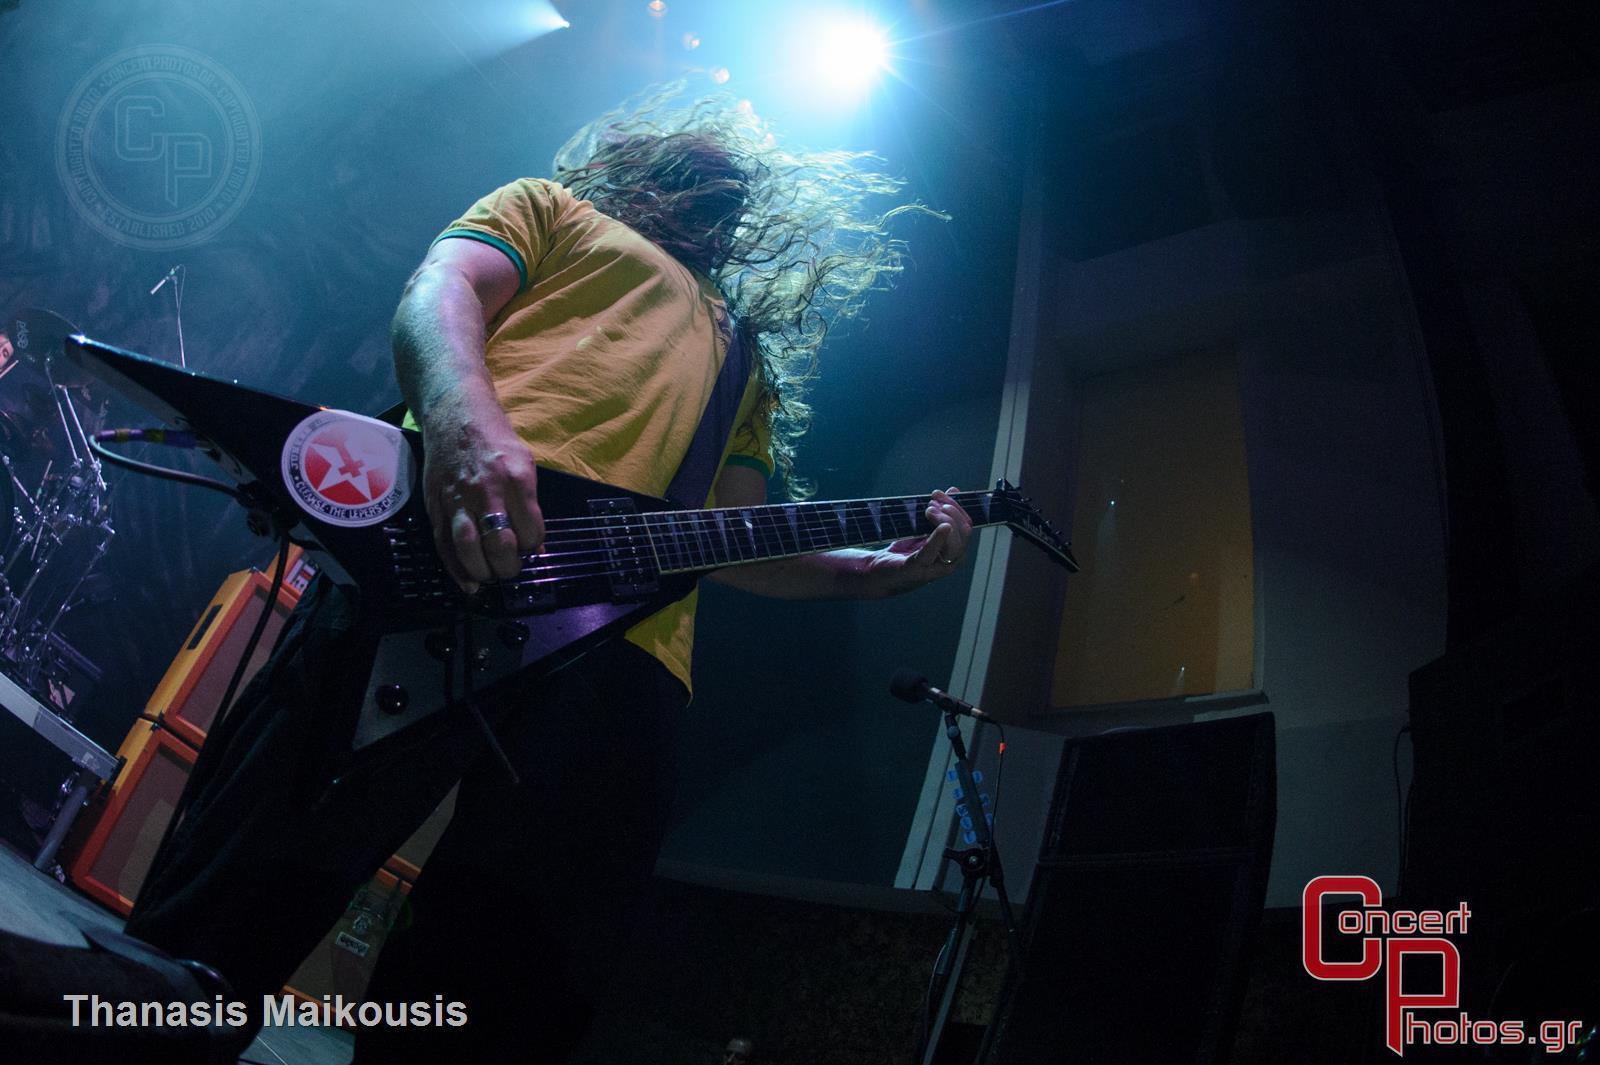 Sepultura-Sepultira photographer: Thanasis Maikousis - concertphotos_20140703_22_03_44